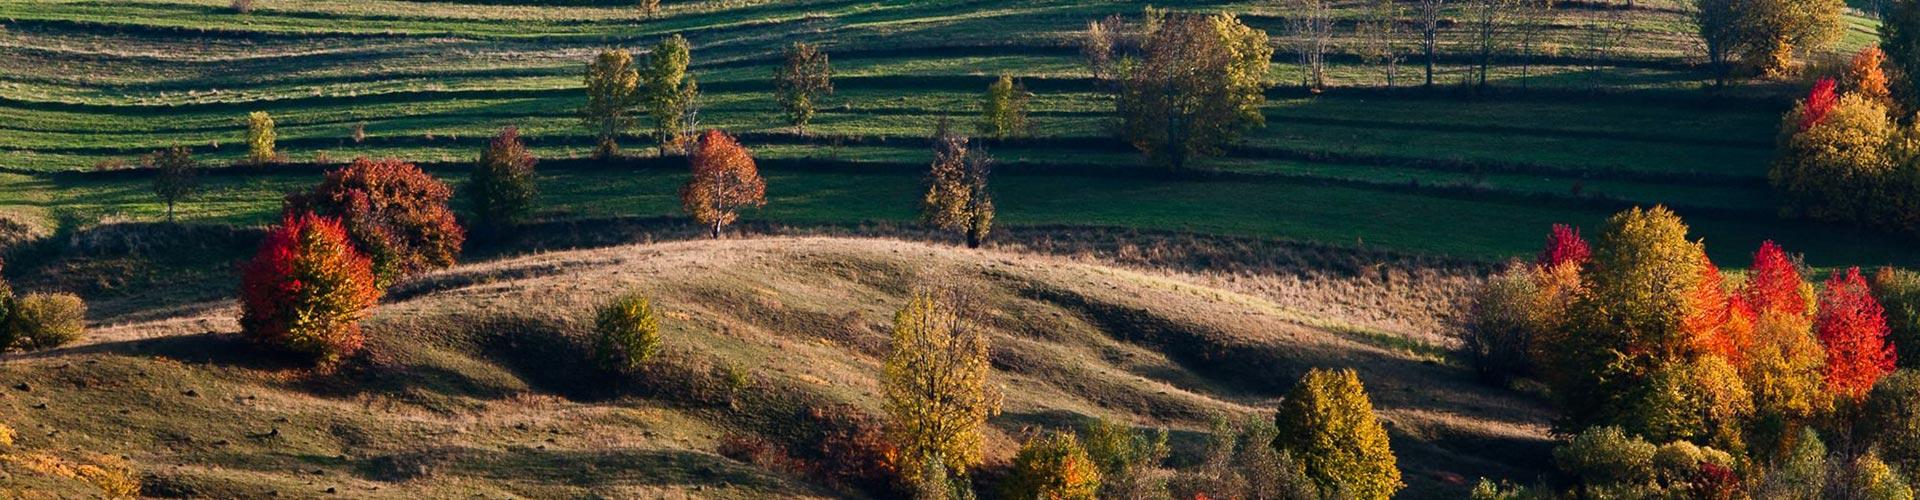 Moldavia and South Bucovina